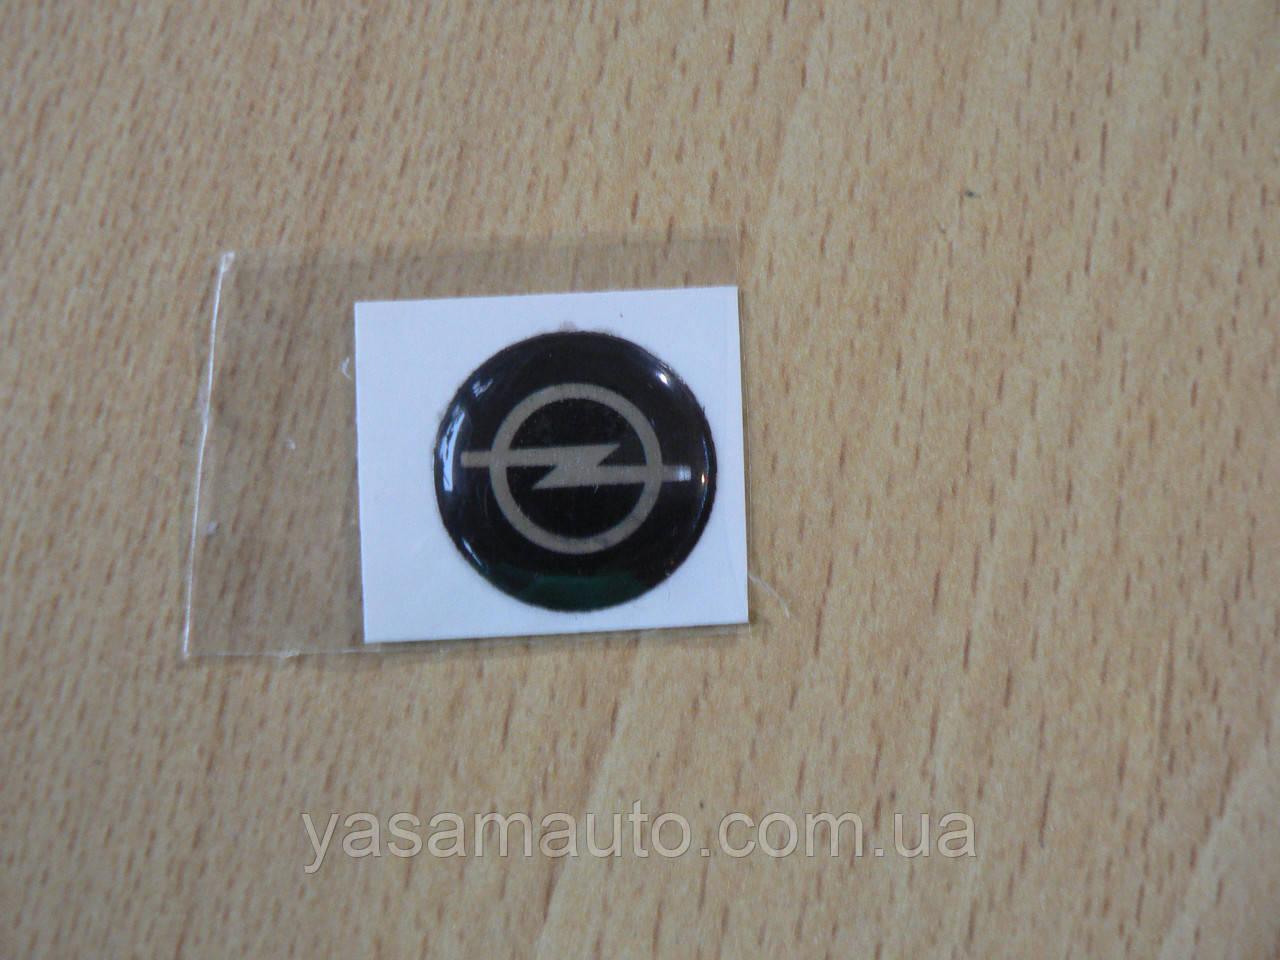 Наклейка s круглая Opel 15х15х1.0мм силиконовая эмблема логотип марка бренд в круге на авто Опель сигналих